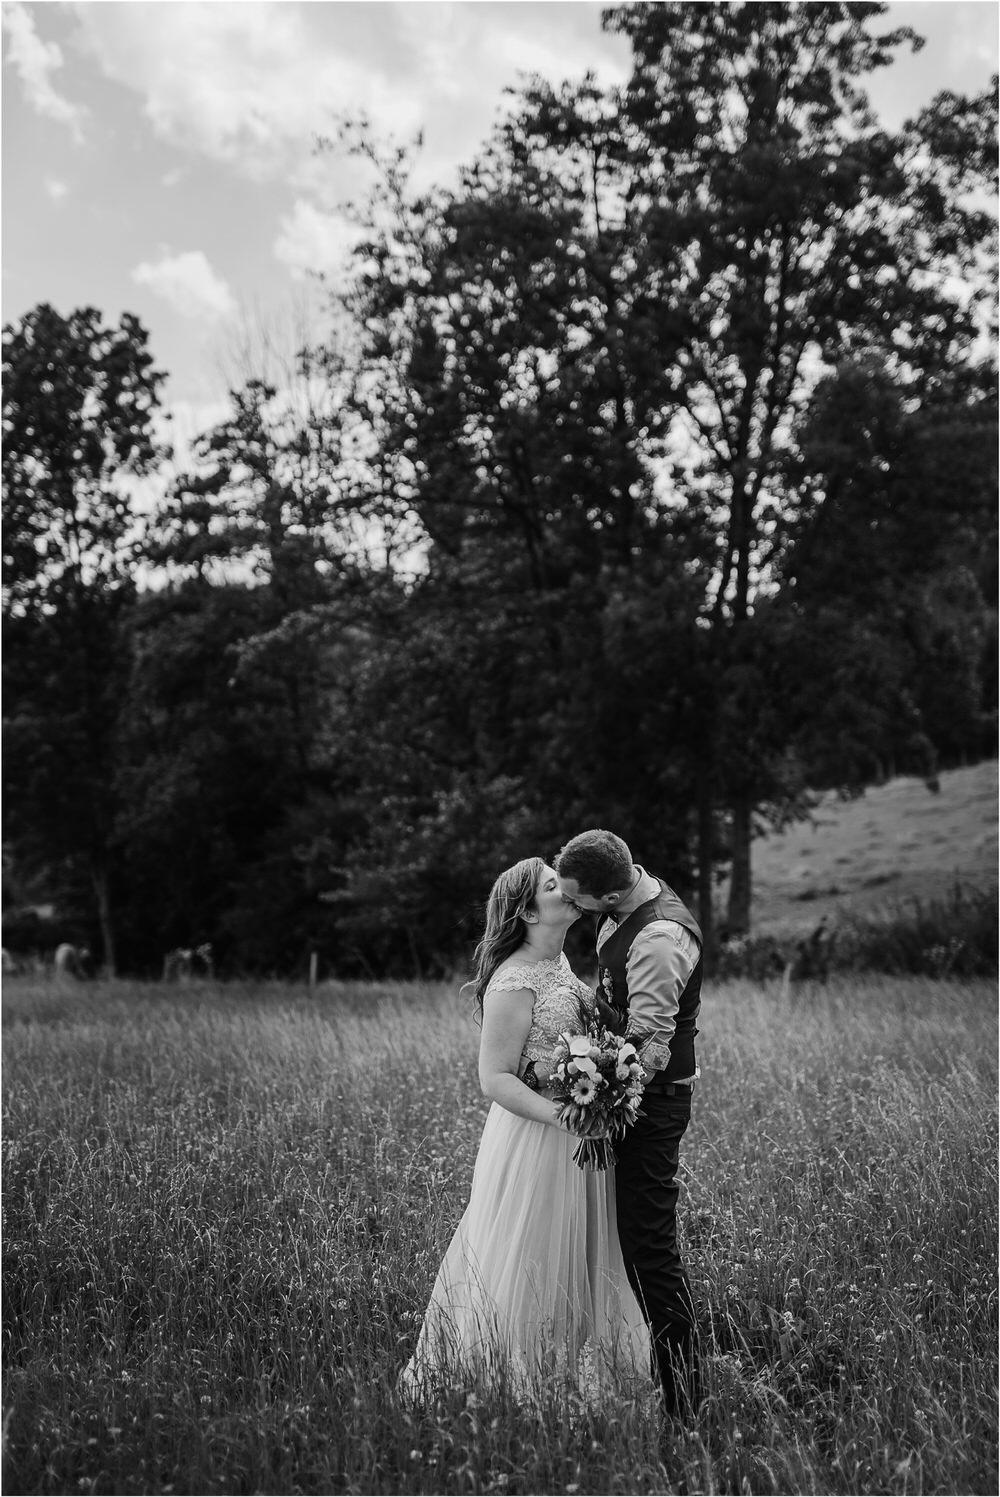 goriska brda poroka fotgorafija fotograf fotografiranje porocno kras primorska obala romanticna boho poroka rustikalna nika grega 0035.jpg